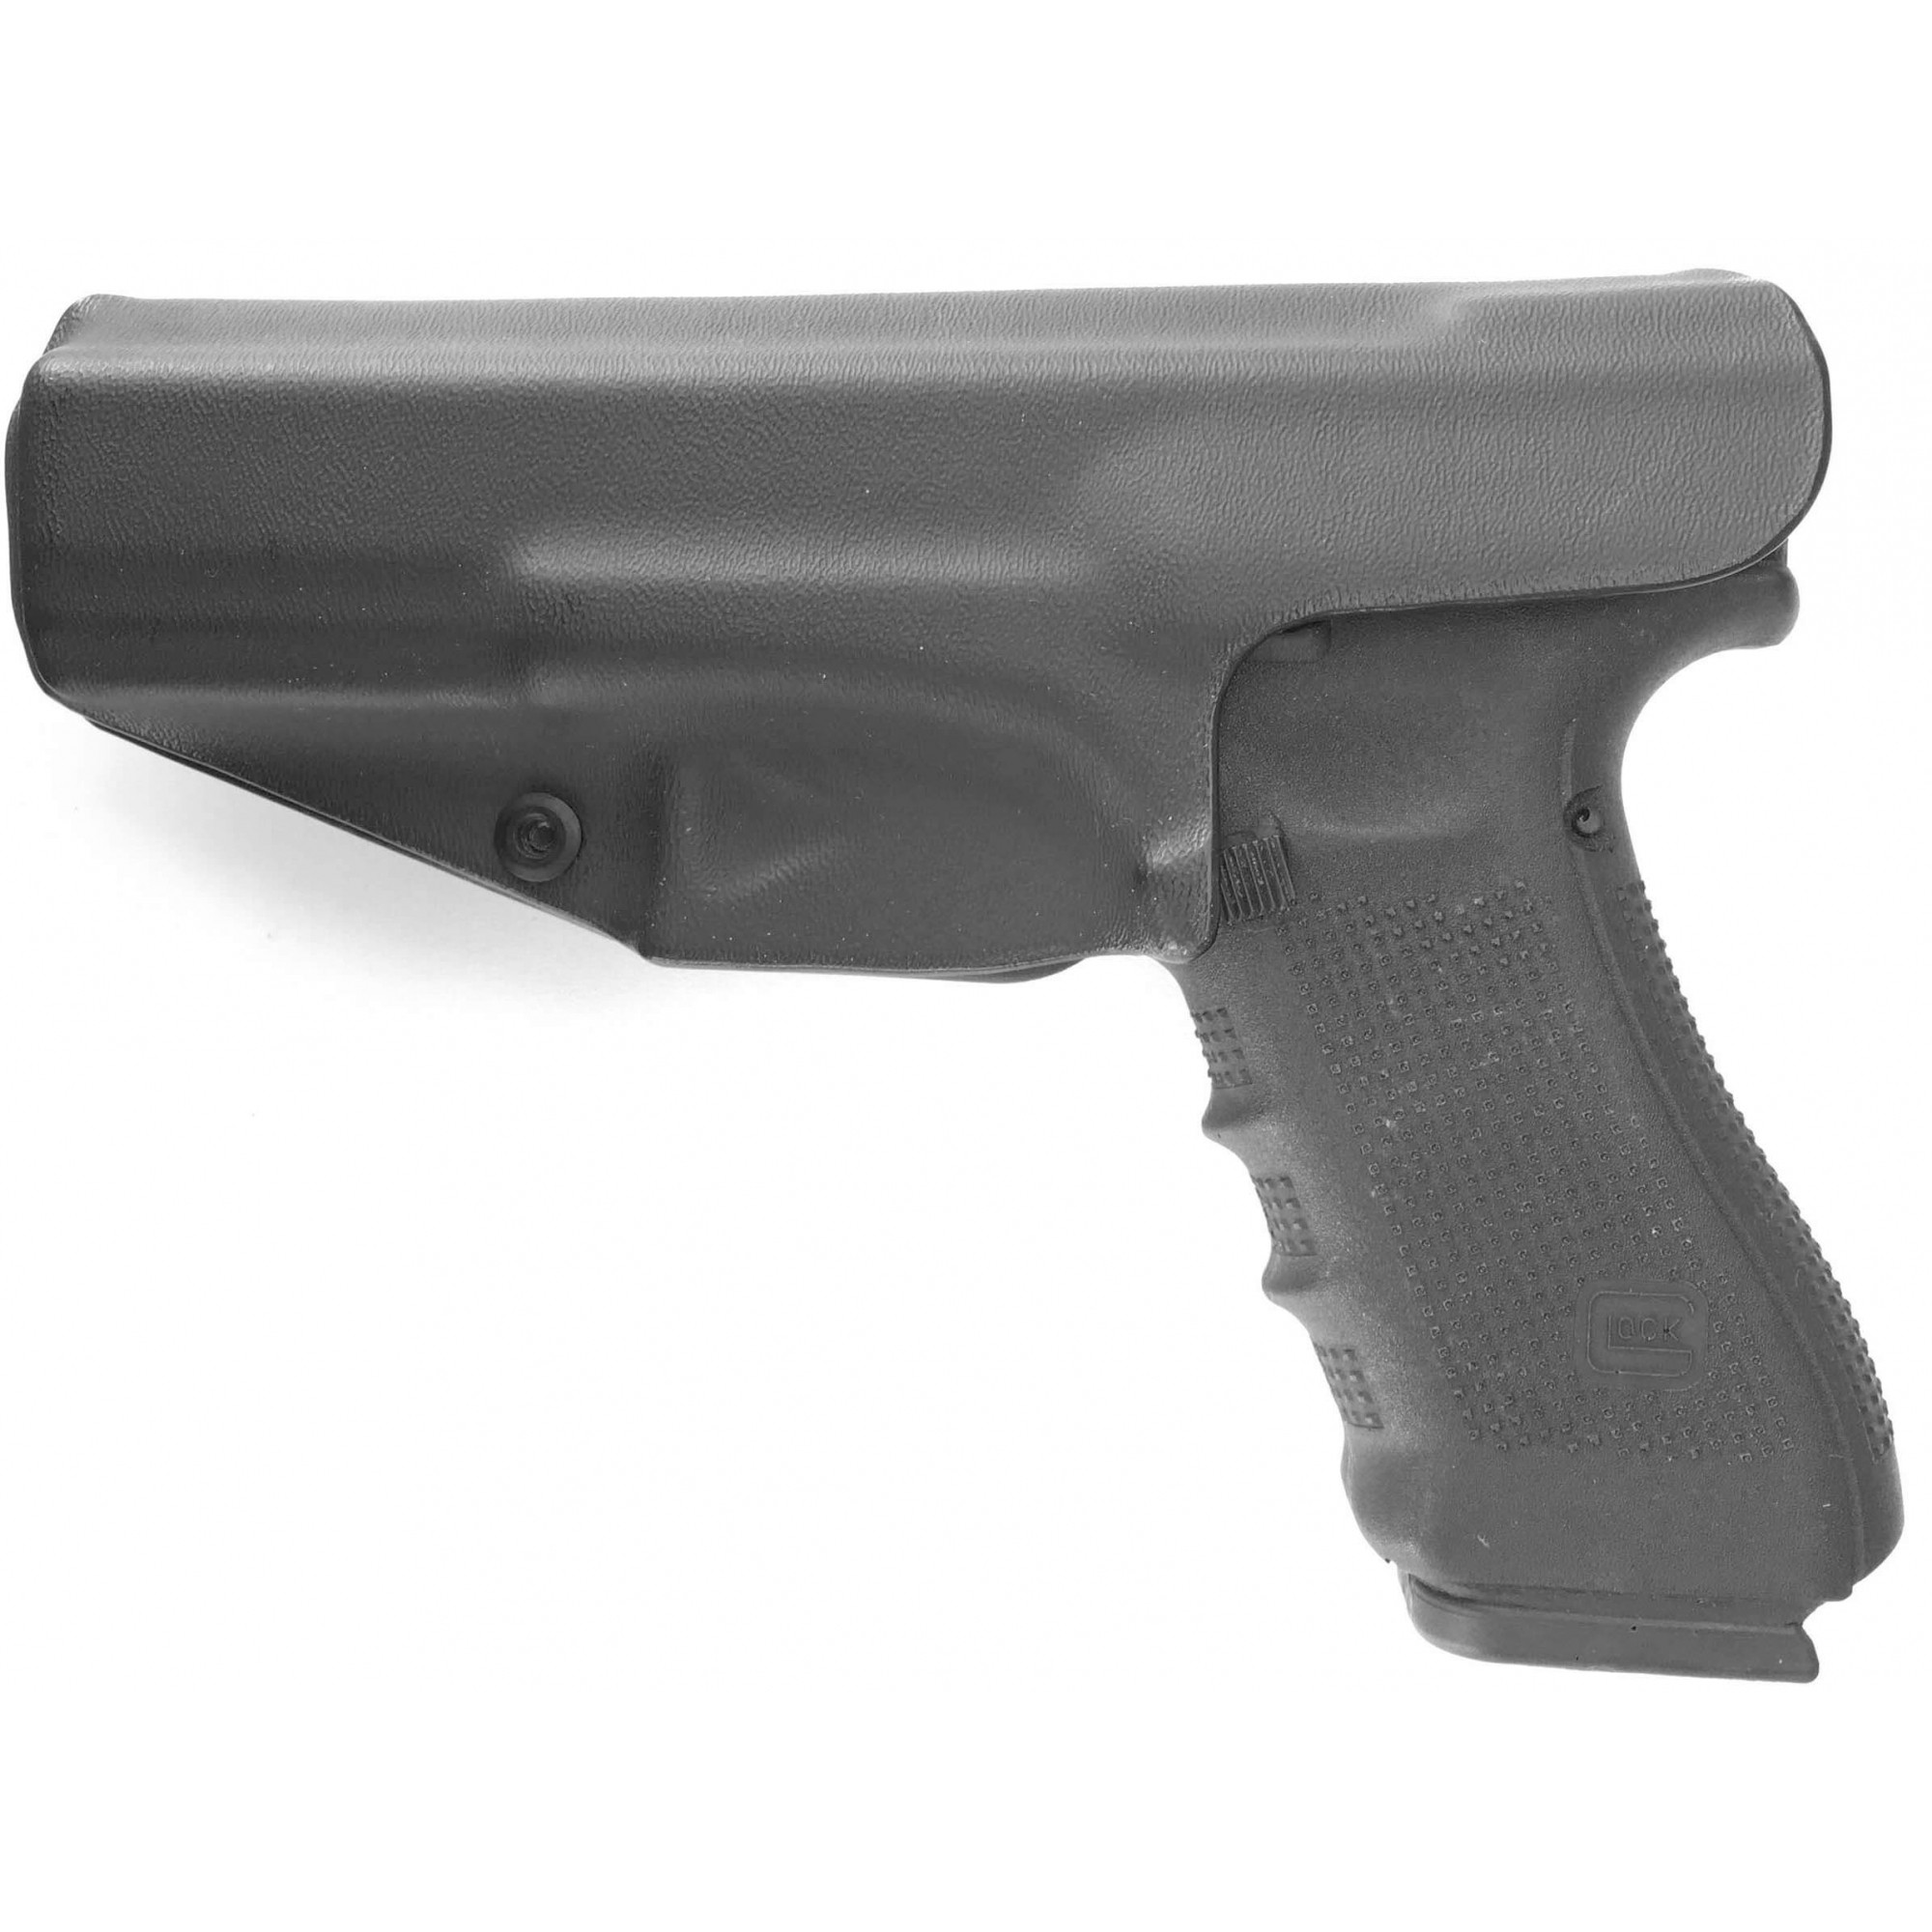 Coldre Kydex [G21] - Glock .45ACP - Saque Rápido Velado Kydex® 080